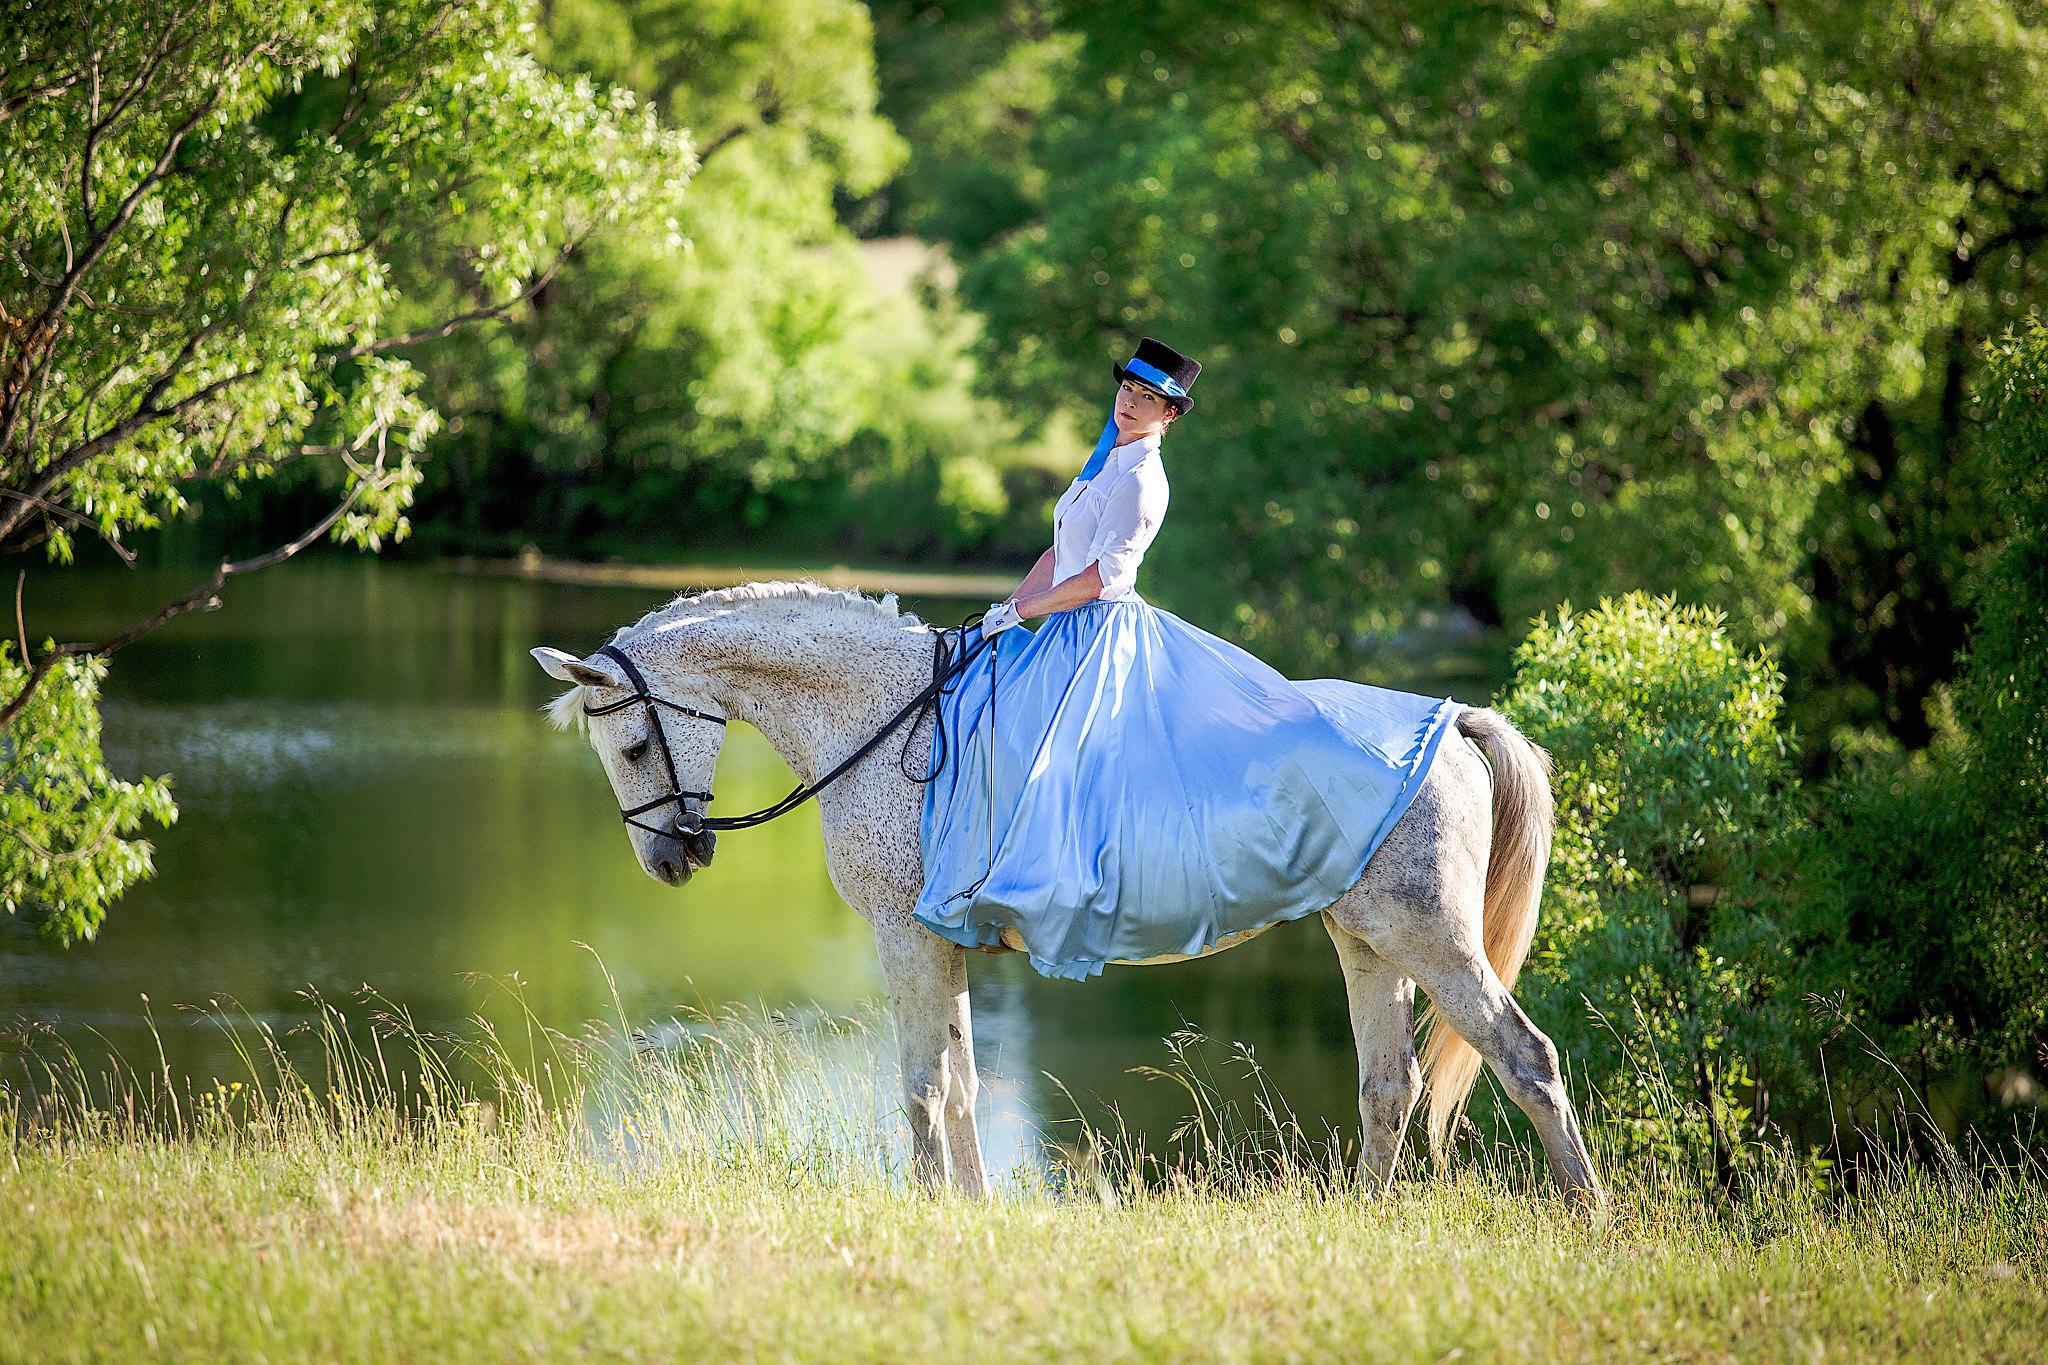 Фотосет Пануриной Виктории c лошадьми музея, уроки верховой езды в музее-заповеднике Тарханы, фотоиллюстрации индивидуальных занятий конным спортом